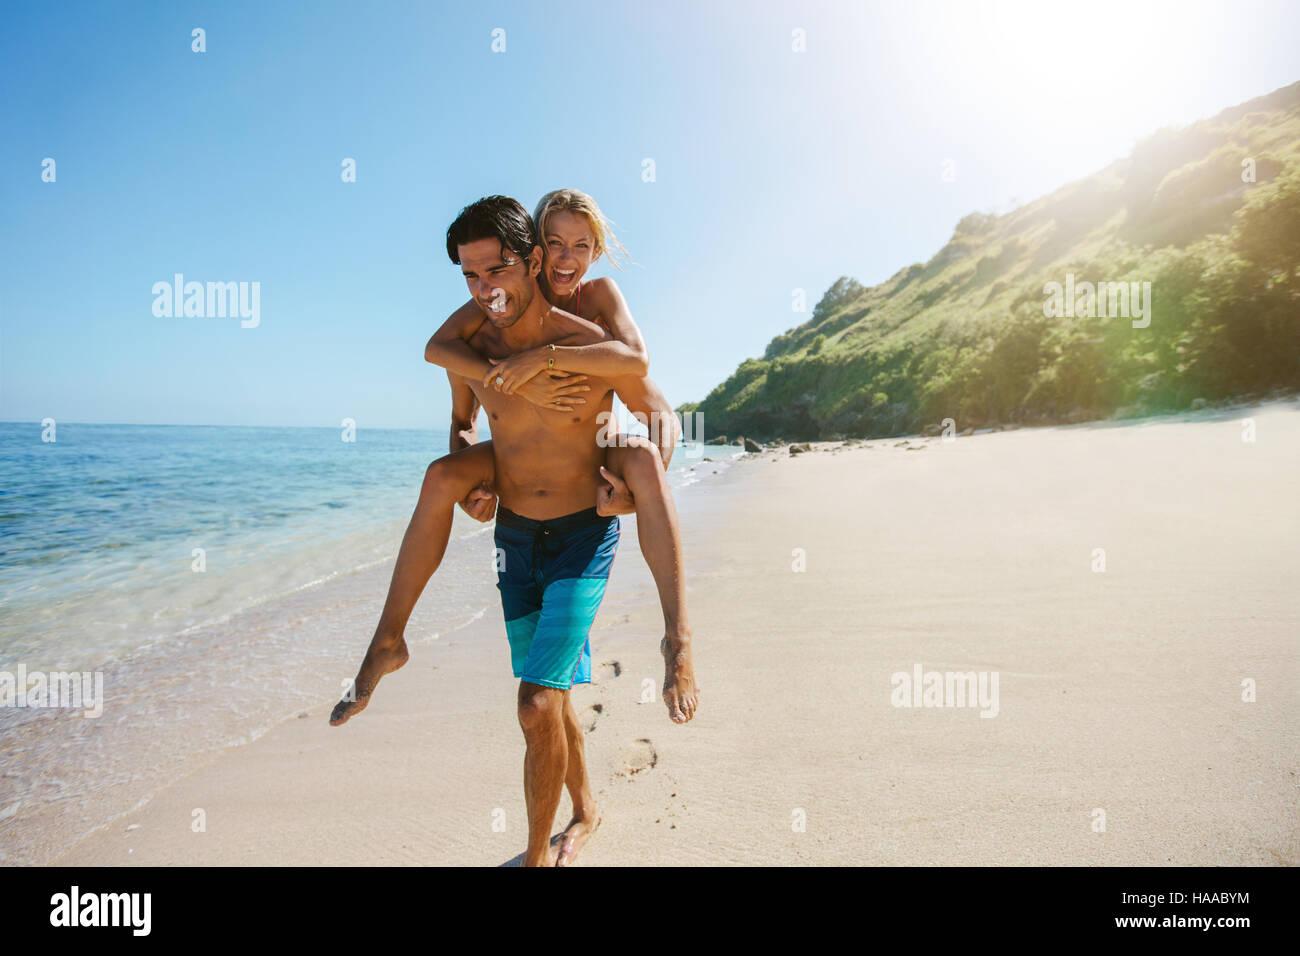 Ritratto di uomo che porta ragazza sulla sua schiena lungo la riva del mare. L uomo dando piggyback ride alla ragazza Immagini Stock